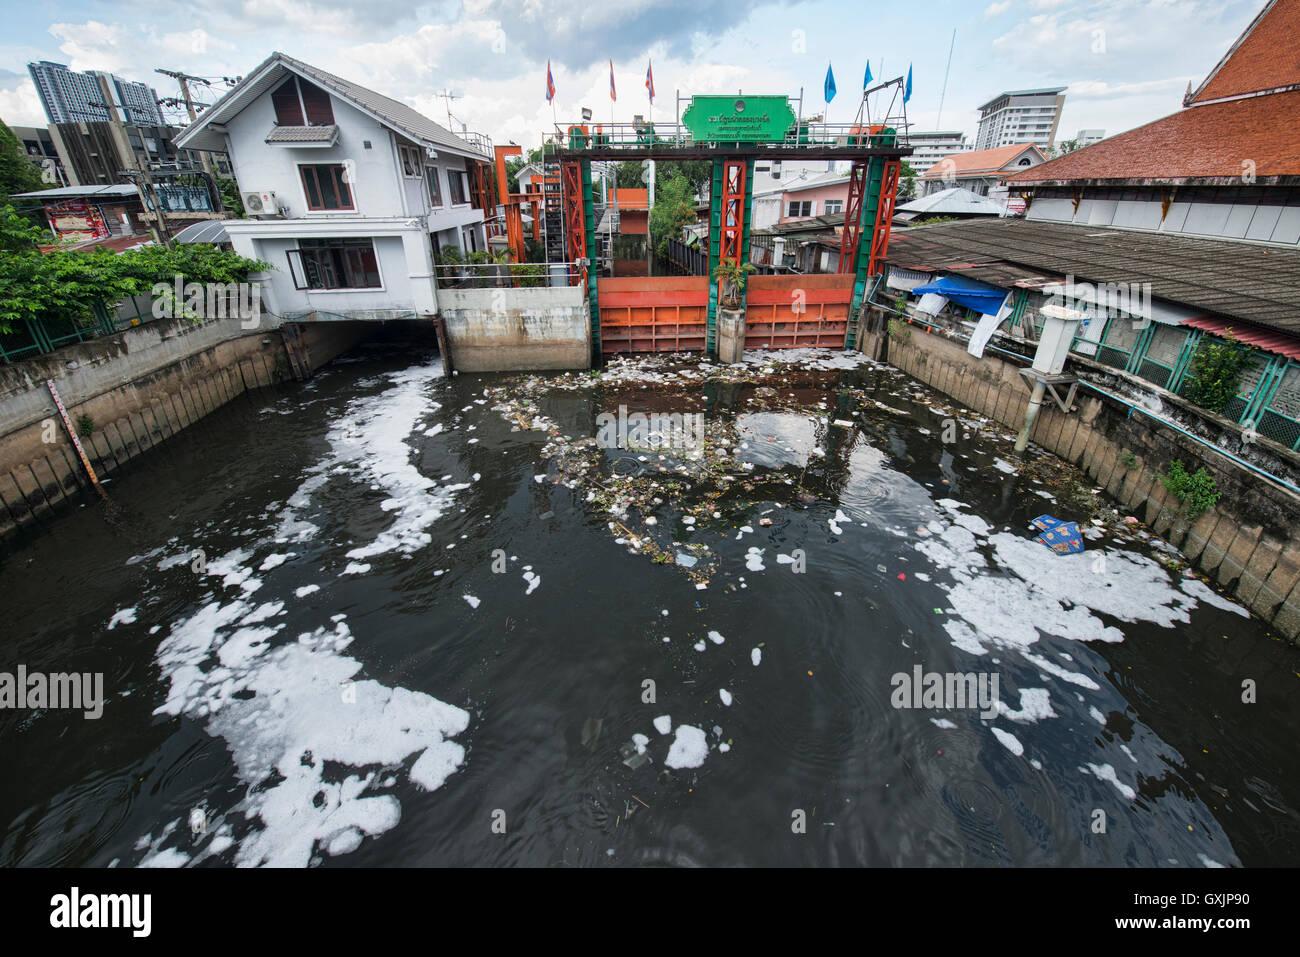 Garbage along the Chao Phraya River, Bangkok, Thailand - Stock Image